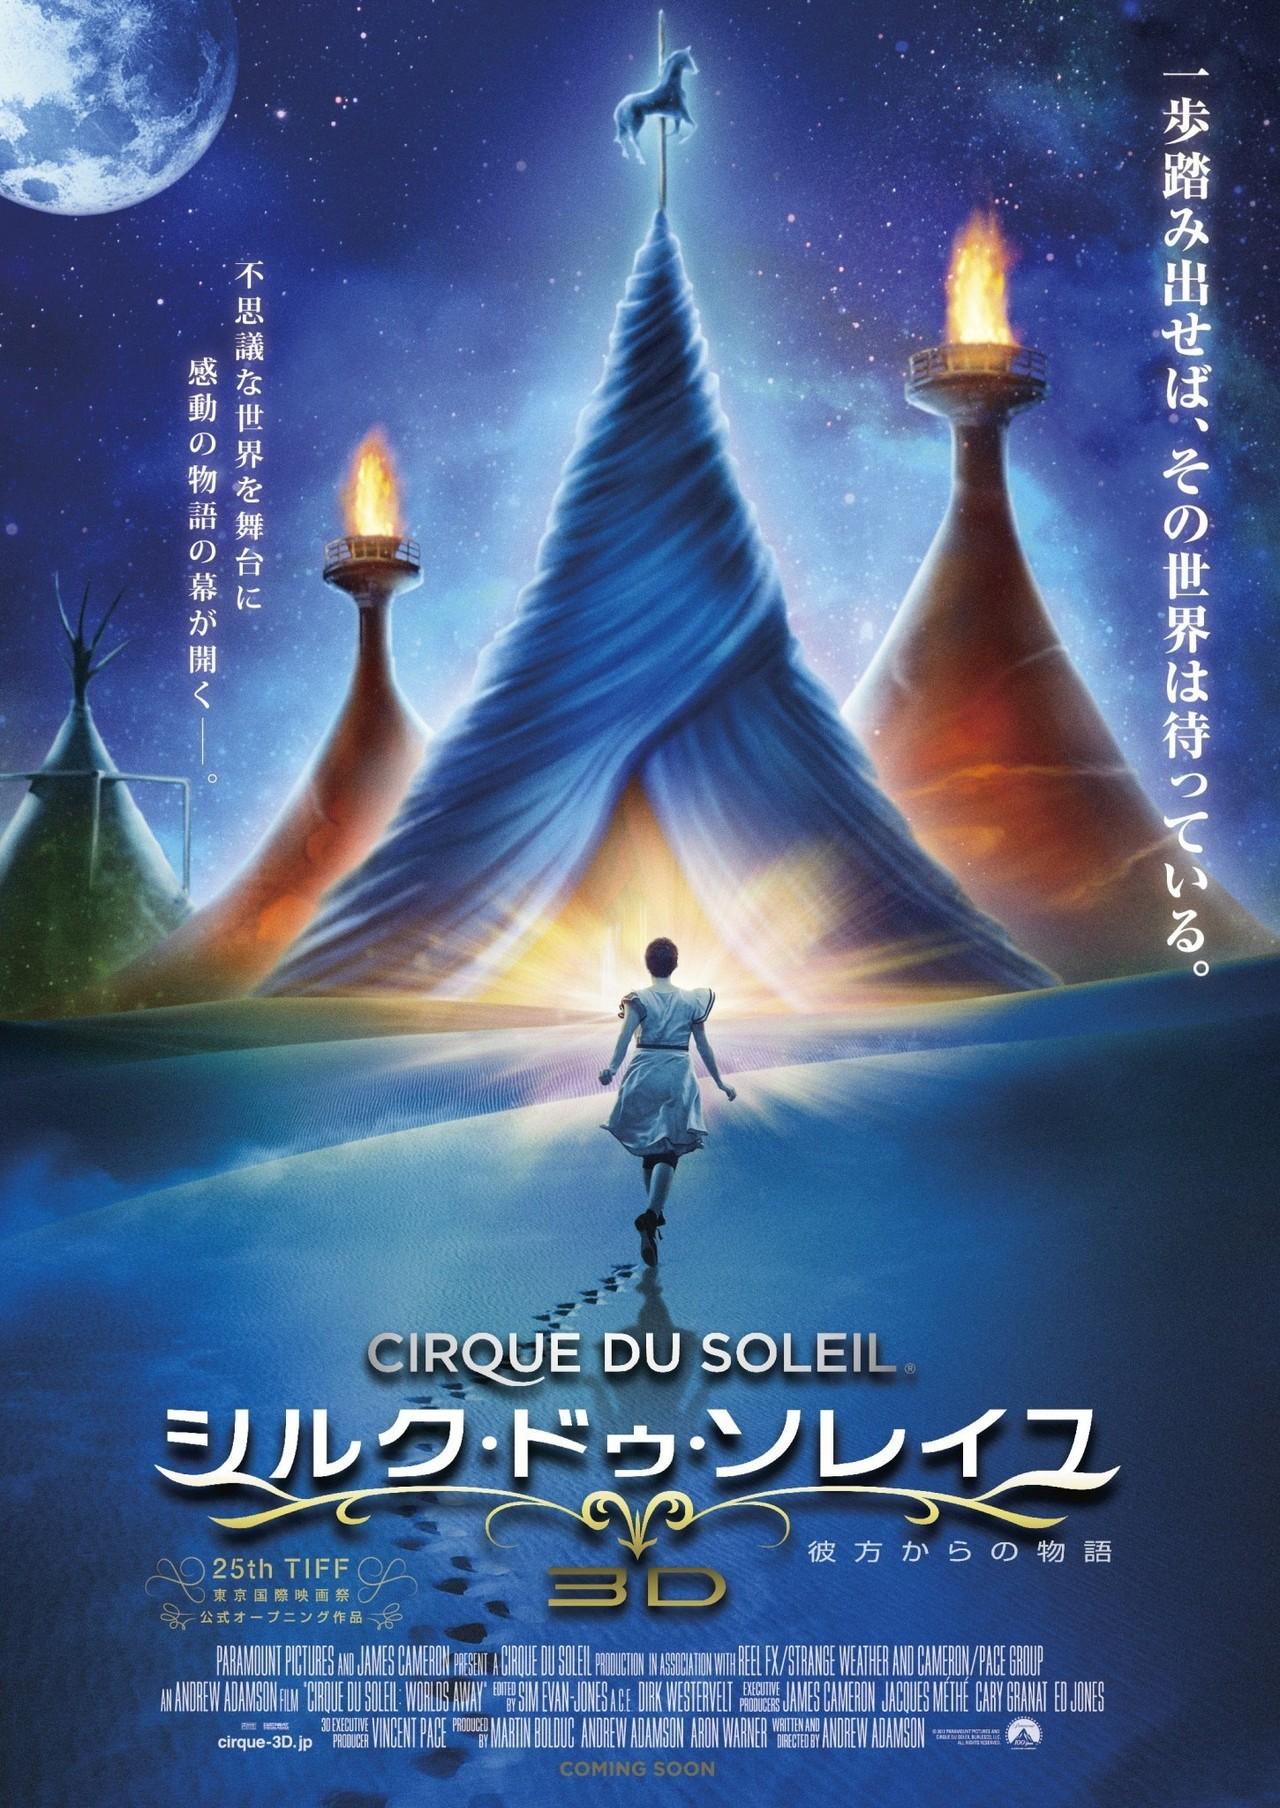 http://www.scannain.com/media/cirque-du-soleil-worlds-away-japanese-poster.jpeg